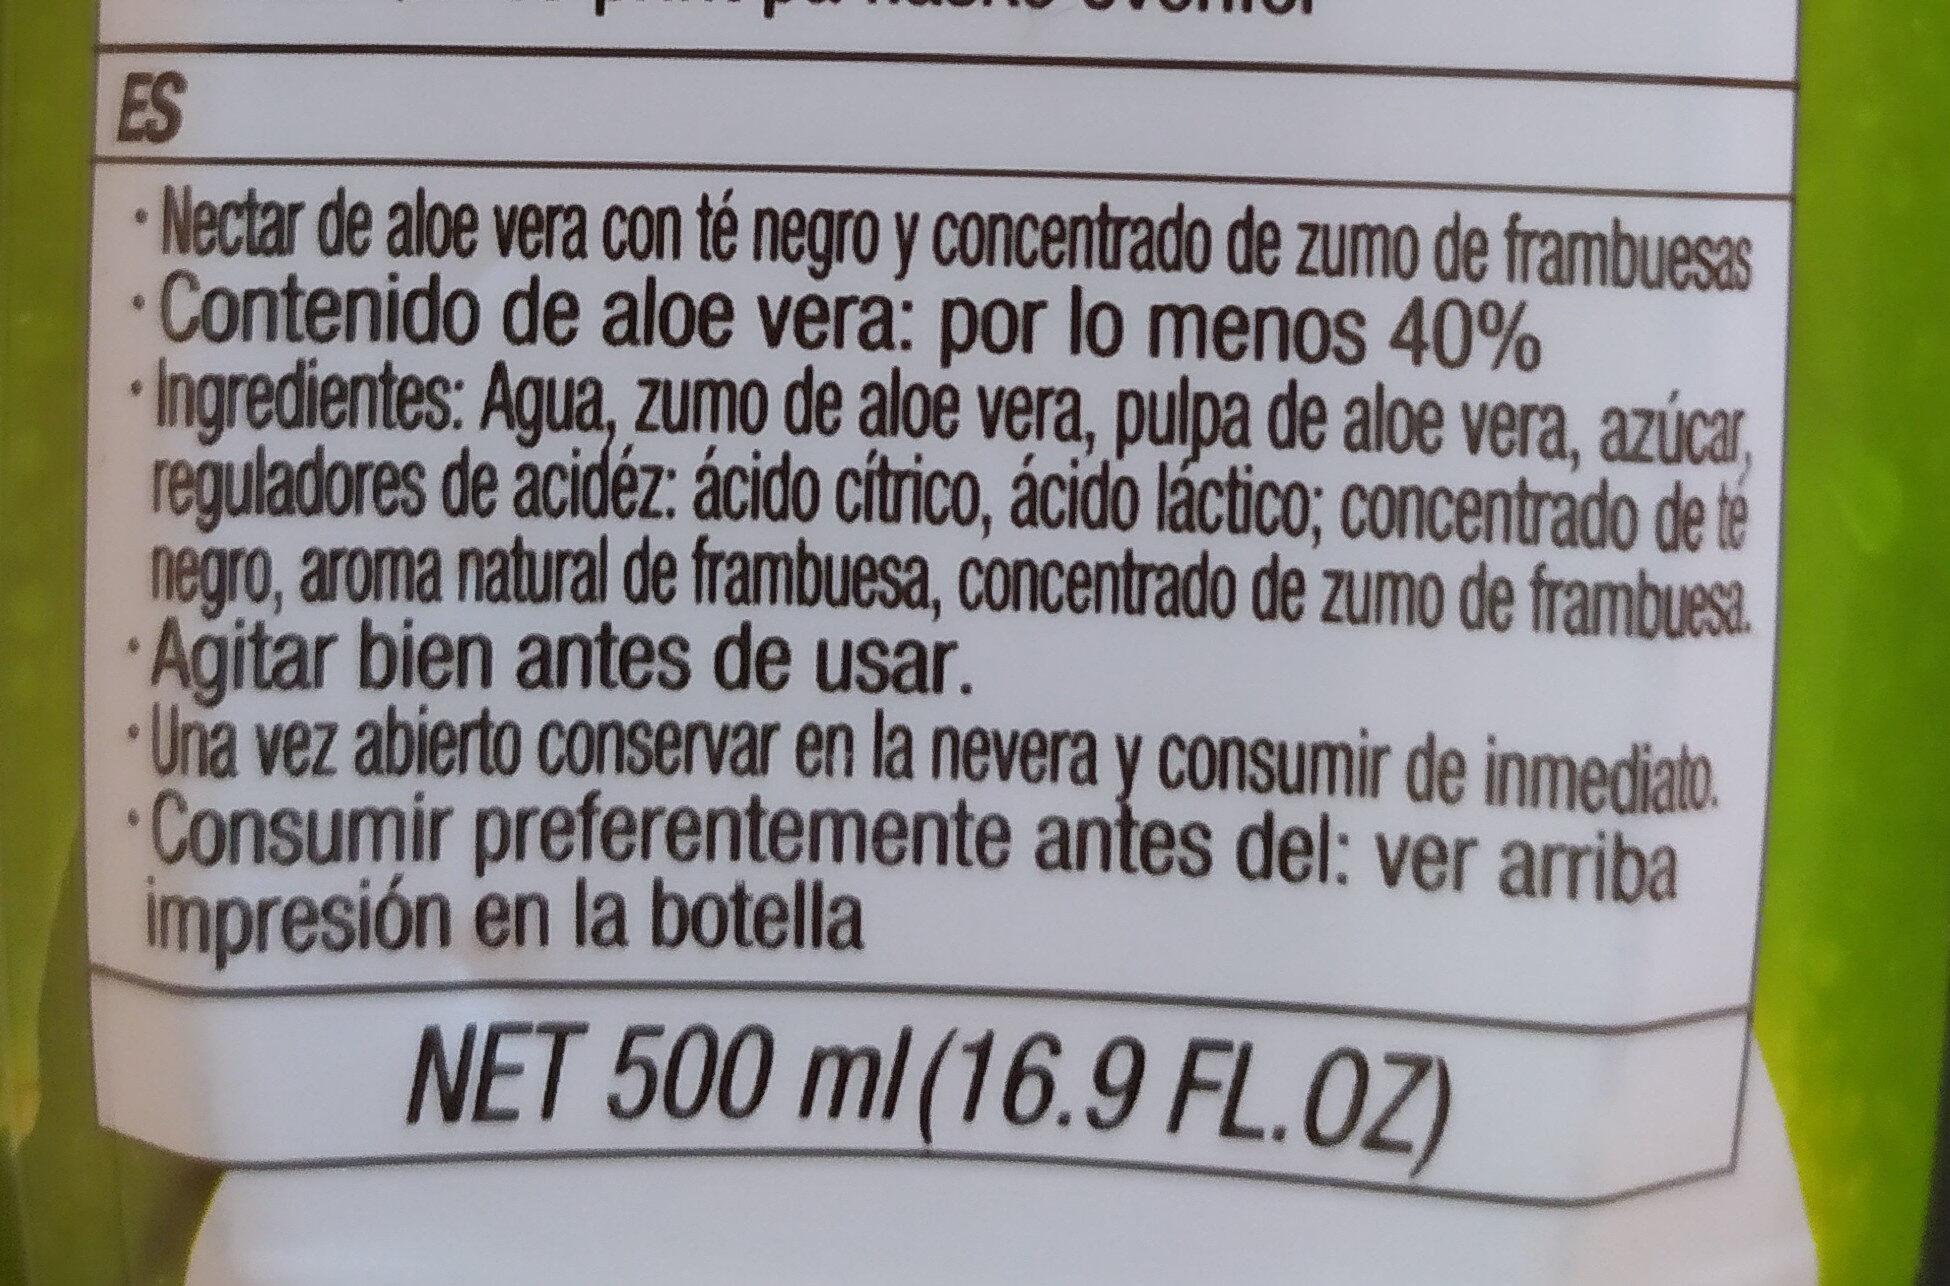 Nestar d'aloe vera gout framboise et thé noir - Ingredientes - es